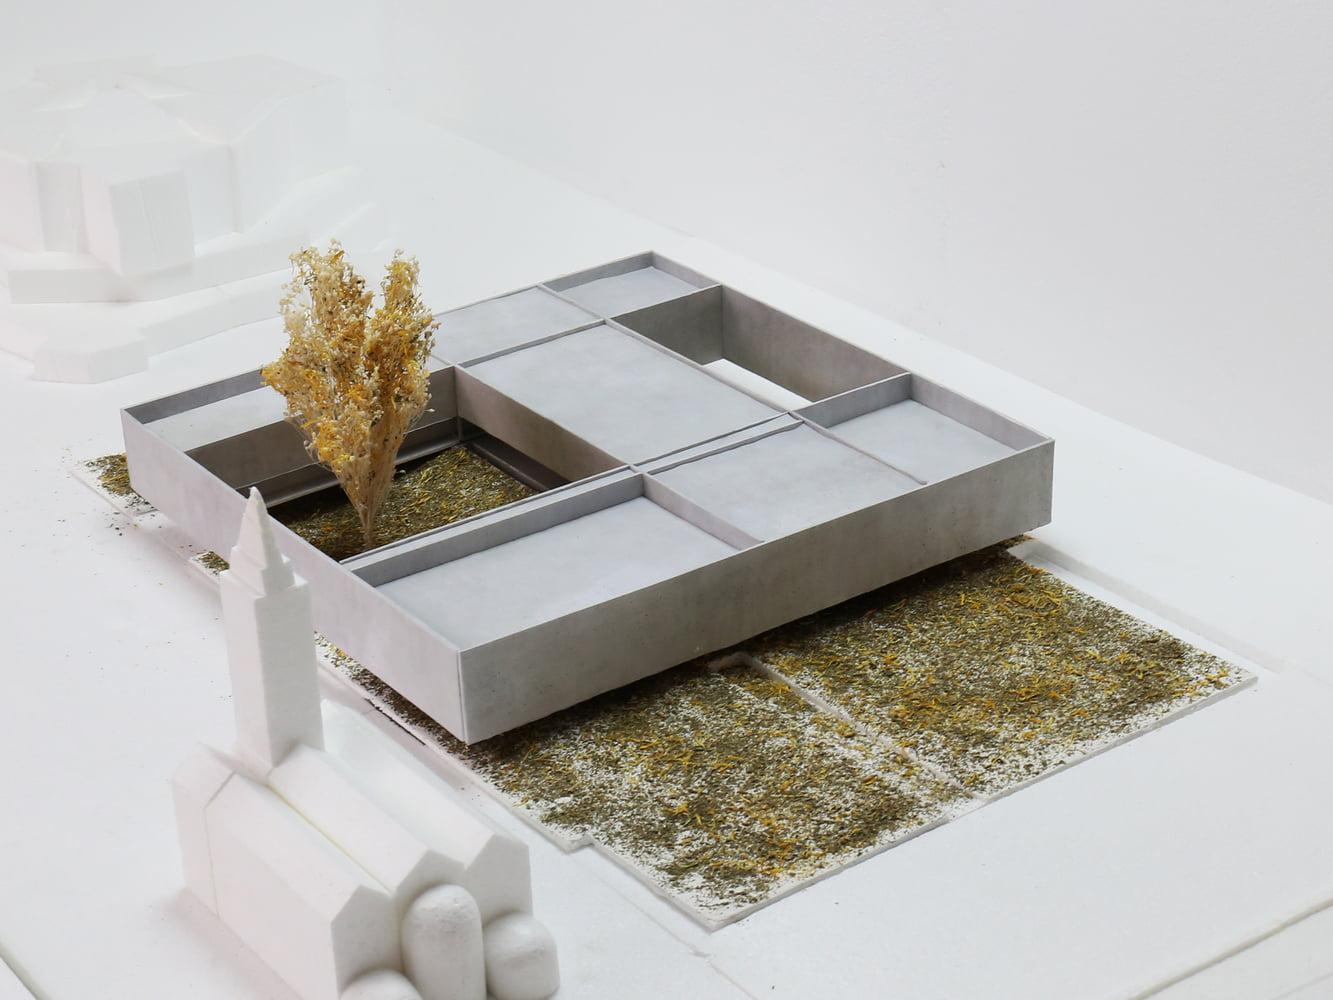 Aires Mateus - New Neue Galerie